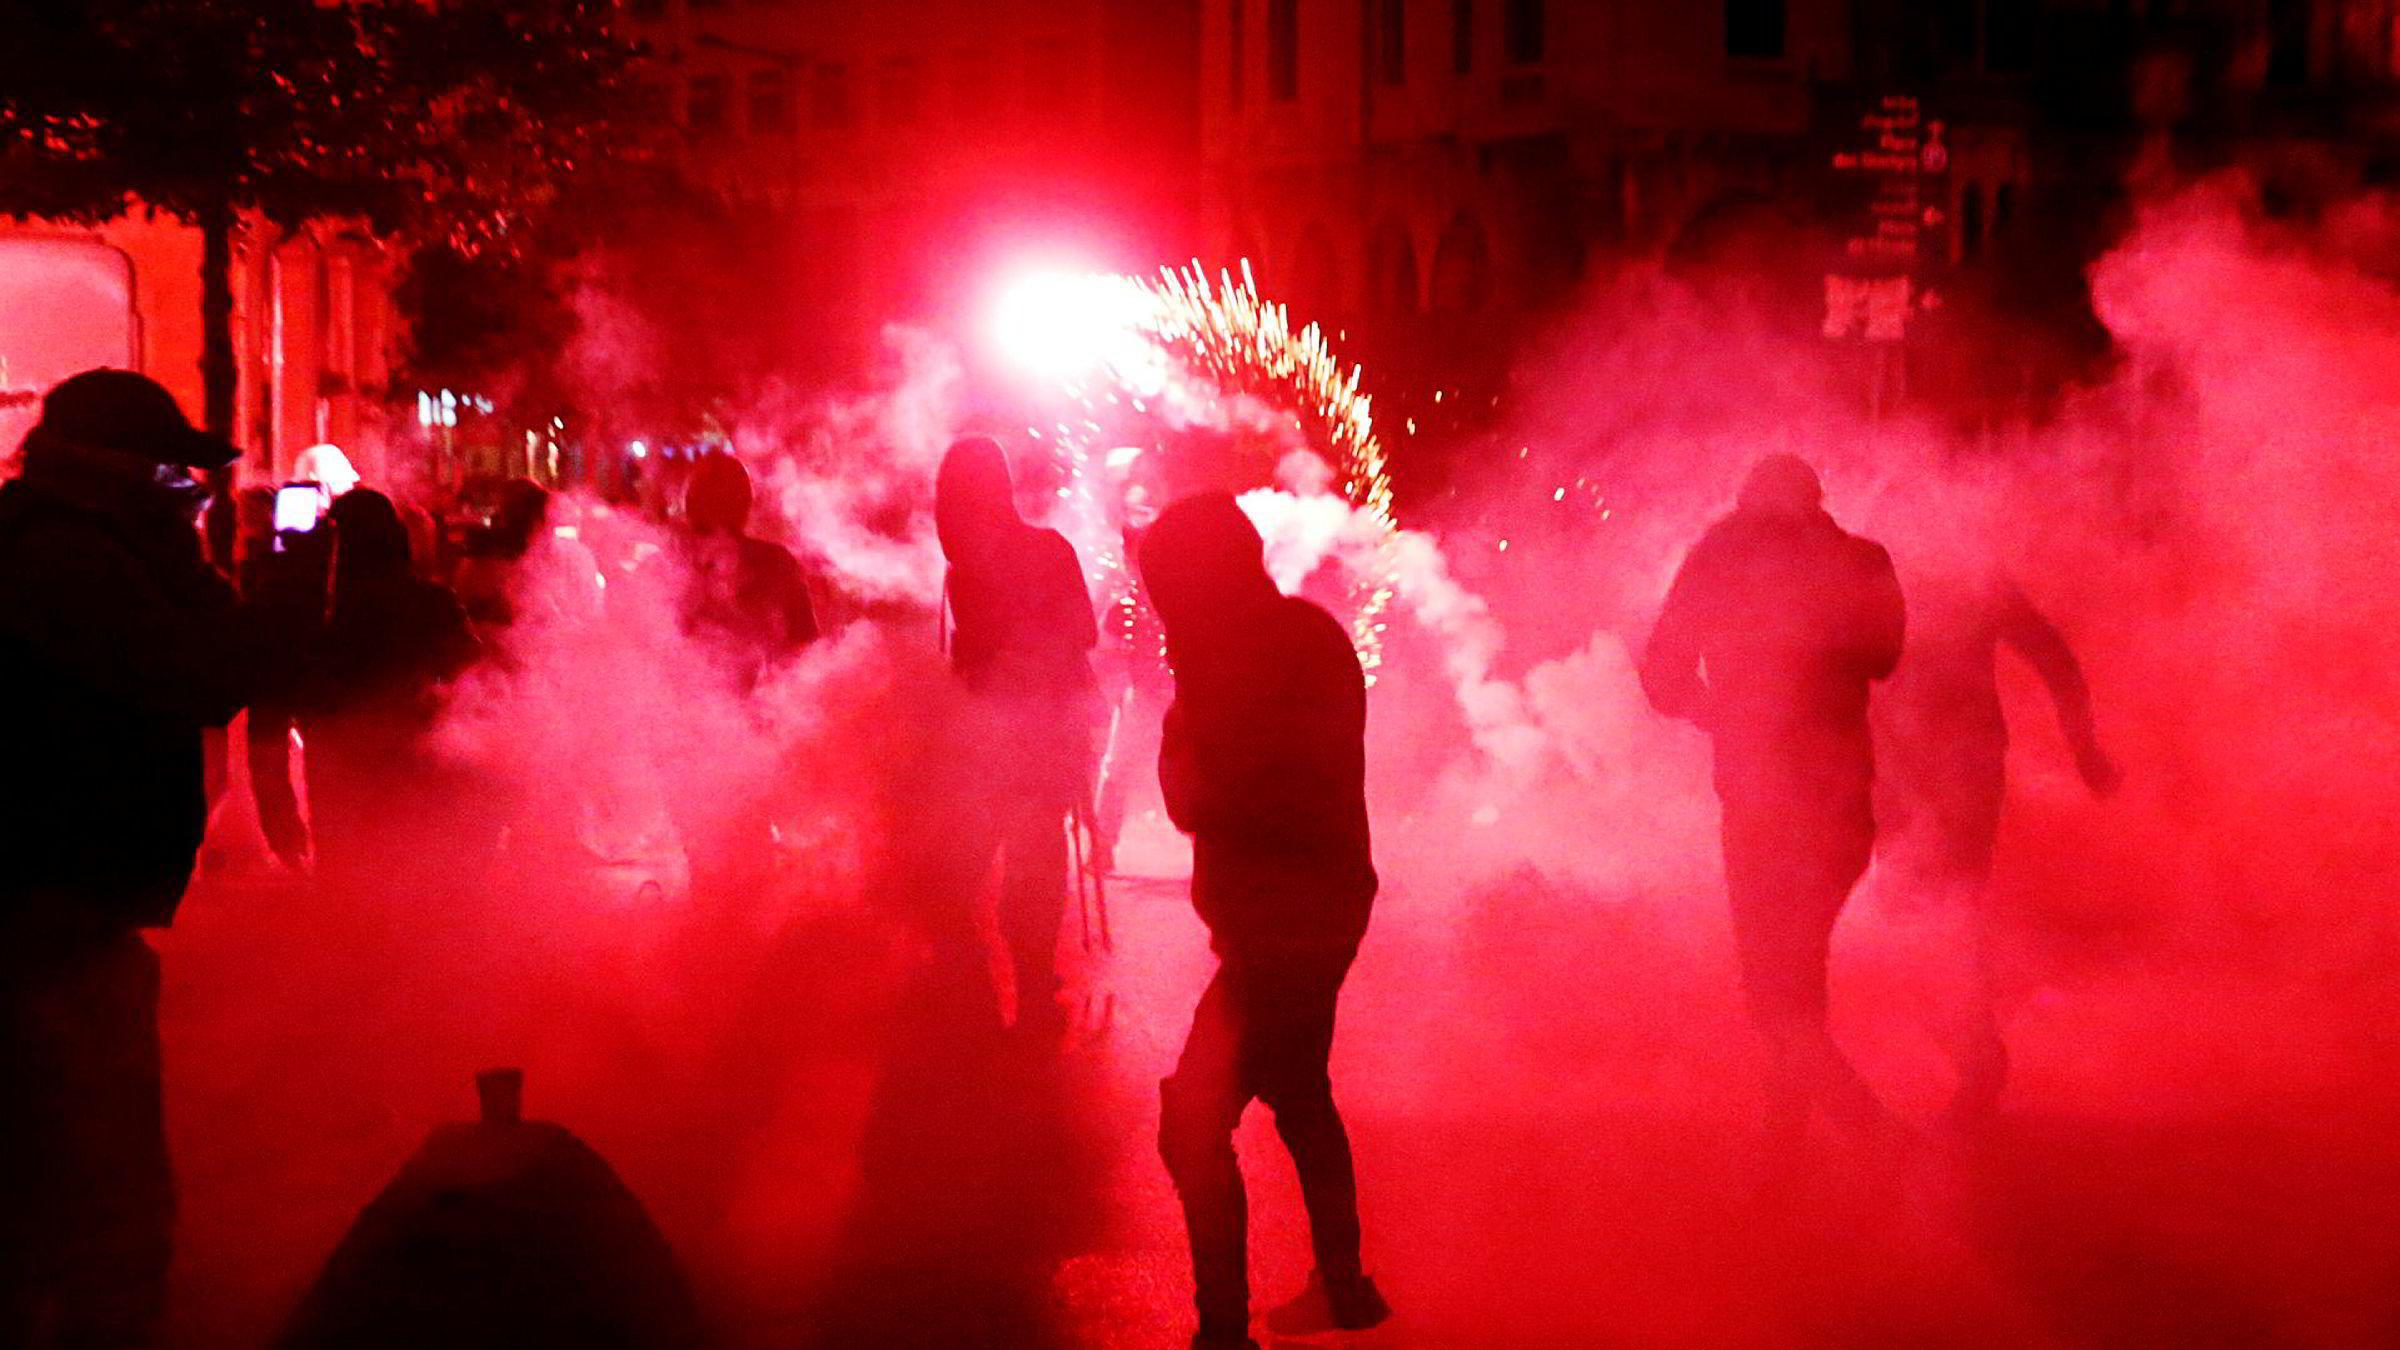 Demonstranter dekket i en sky av tåregass kaster brennende gjenstander mot det lokale politiet. Sentrum av Beirut var preget av voldsomme demonstrasjoner natt til lørdag.